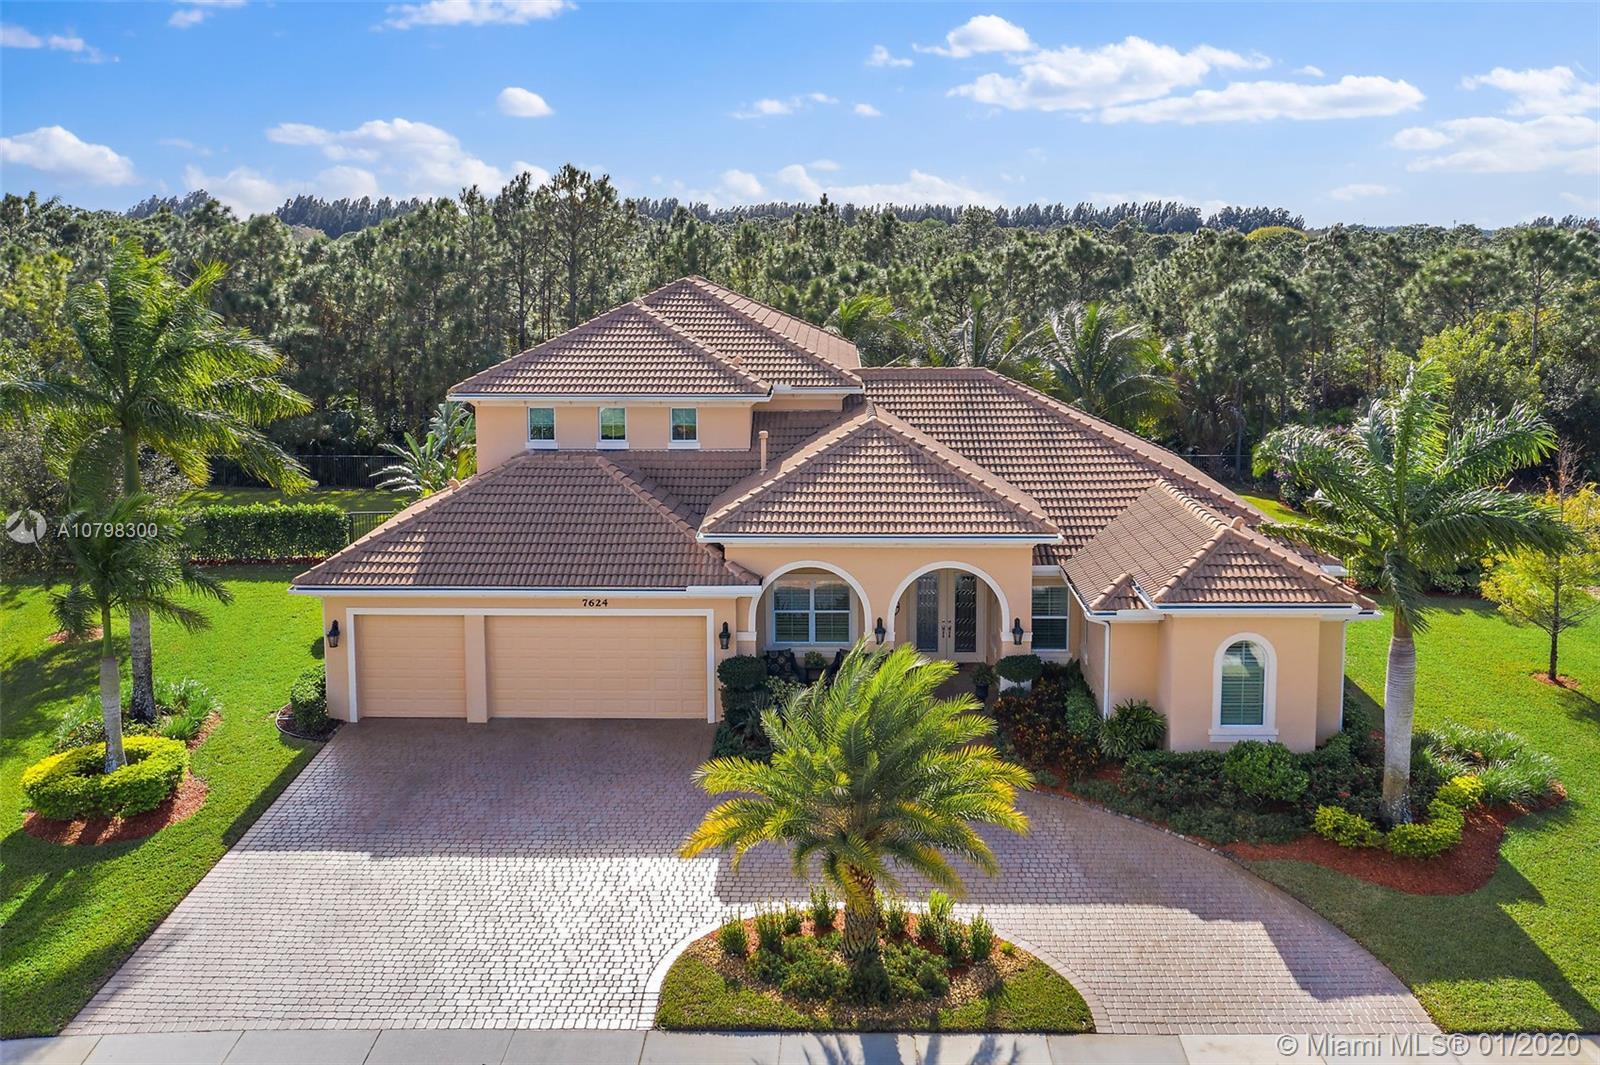 7624 SE Laque Circle, Stuart, FL 34997 - Stuart, FL real estate listing